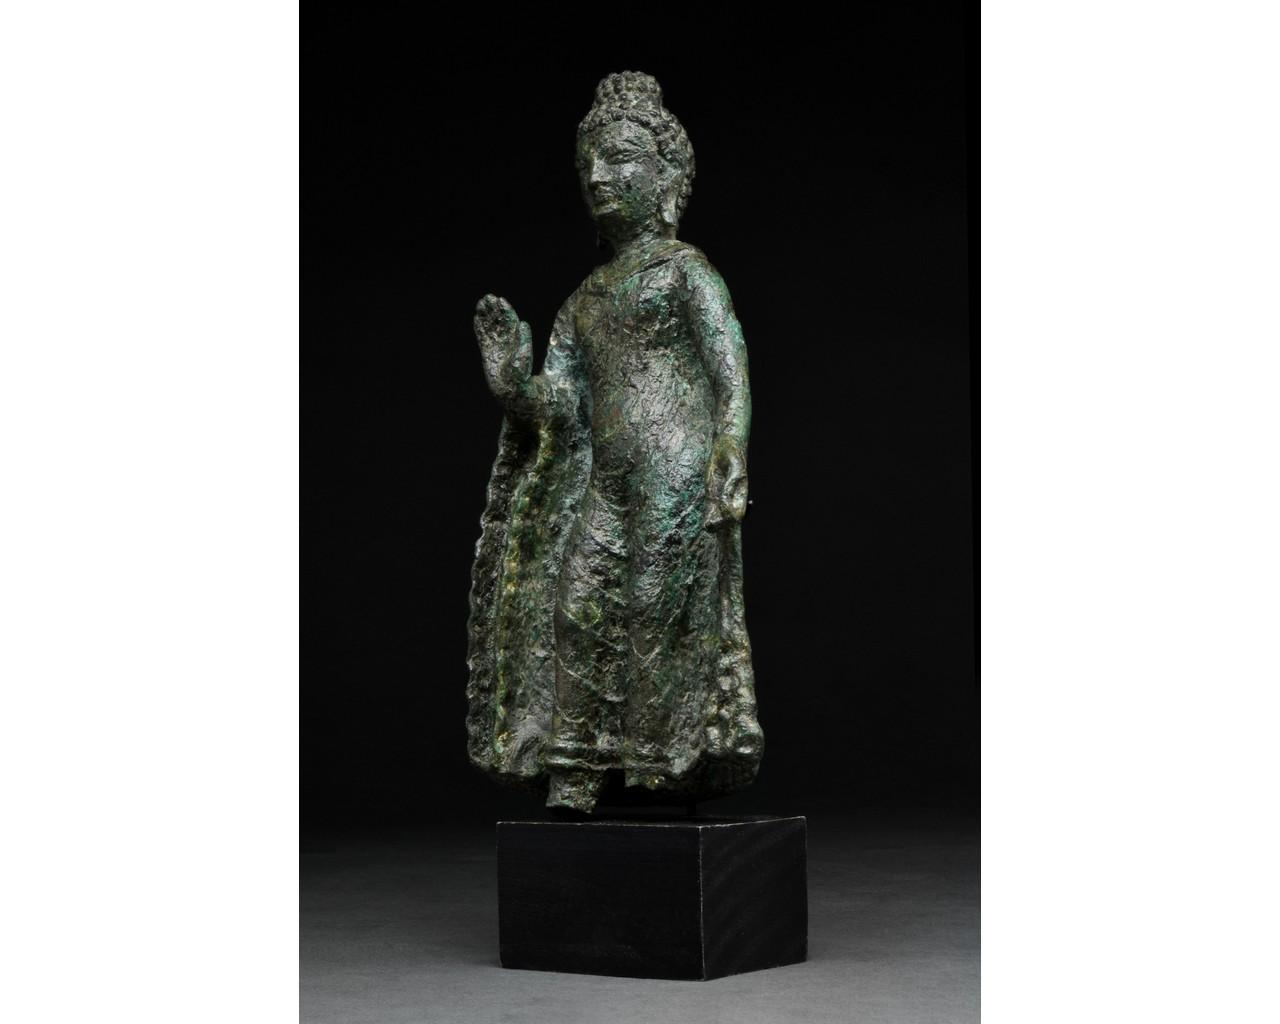 GANDHARA BRONZE FIGURE OF BUDDHA - Image 2 of 5